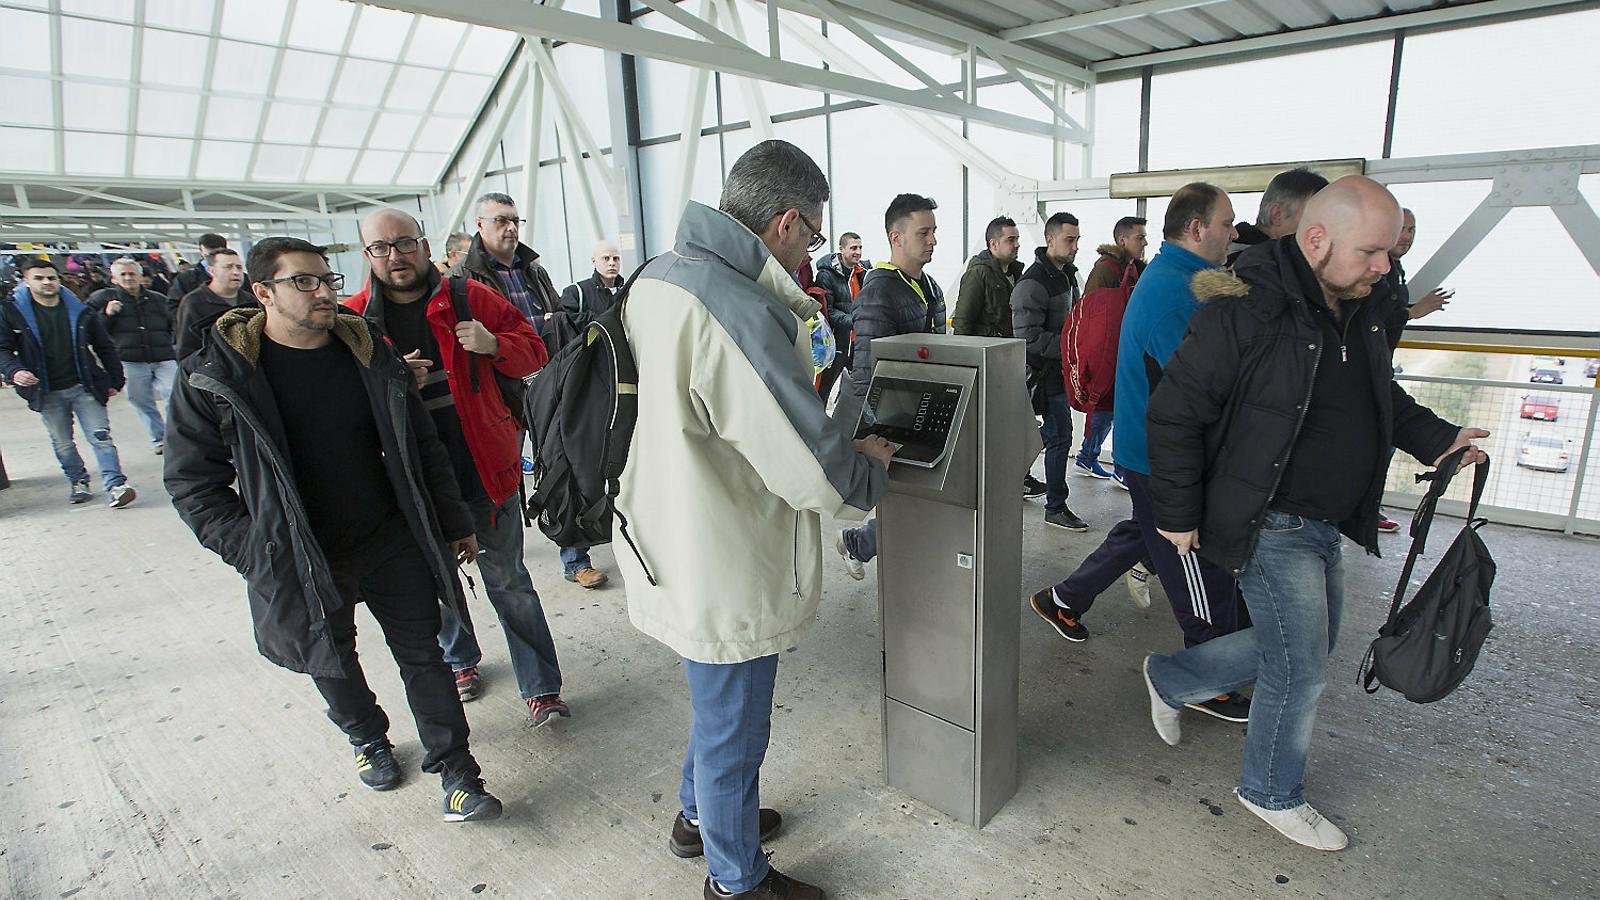 Treballadors de Seat fitxant a l'entrada de la feina. Als entorns industrials el registre de la jornada és més senzill. / MANOLO GARCÍA